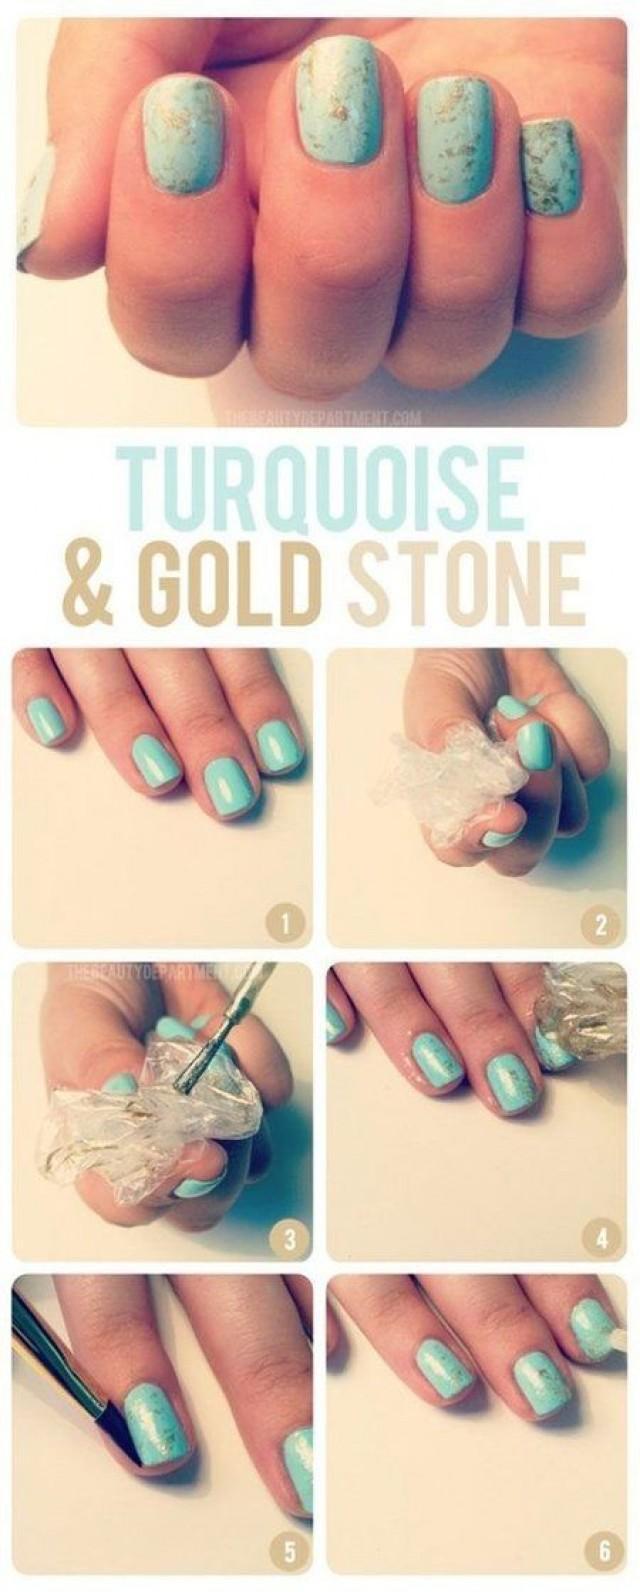 Как сделать в домашних условиях рисунки на ногтях с иголкой 45